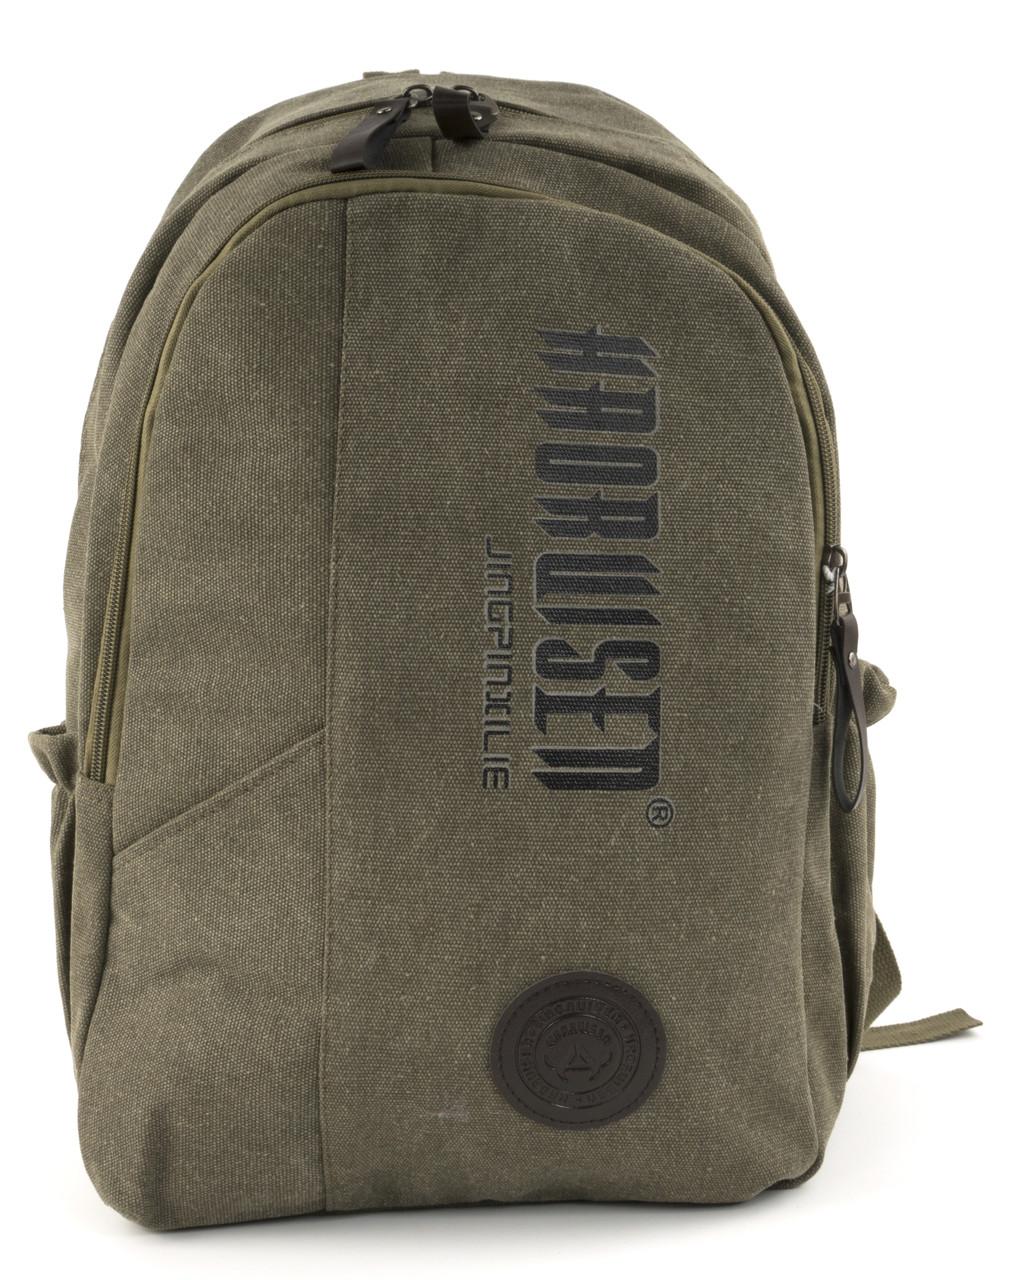 Спортивный мужской рюкзак  art. 5813 хаки